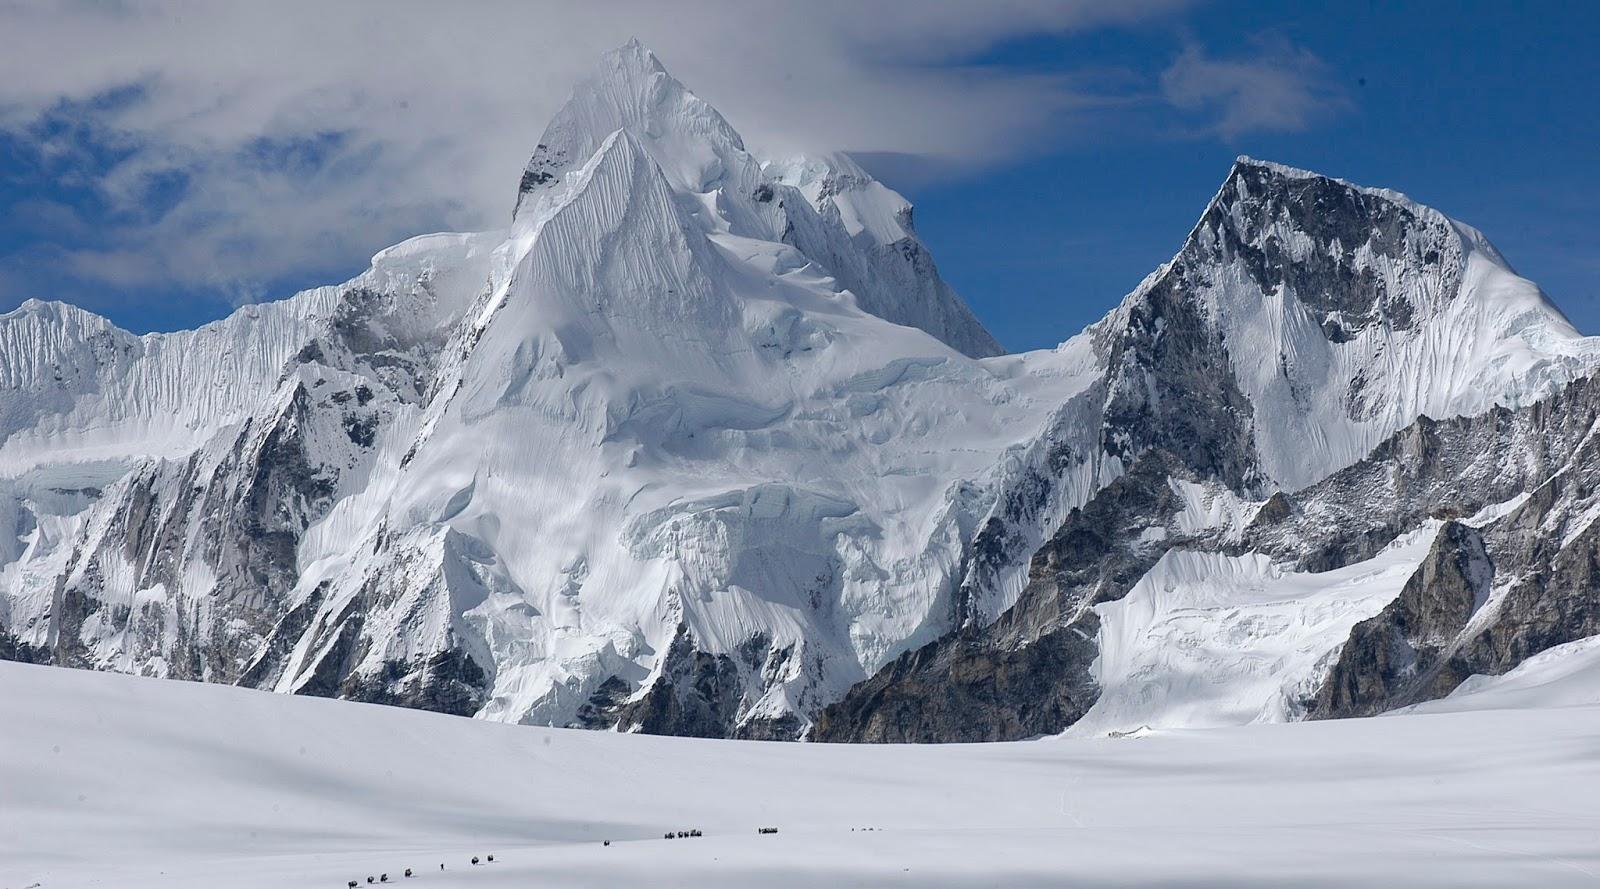 Puncak Gunung Cho Oyu -8,201 mdpl  (Tiongkok dan Nepal) kisah gunung tertinggi di dunia kumpulan gunung tertinggi di dunia letak gunung tertinggi di dunia letak gunung tertinggi di dunia adalah lihat gunung tertinggi di dunia